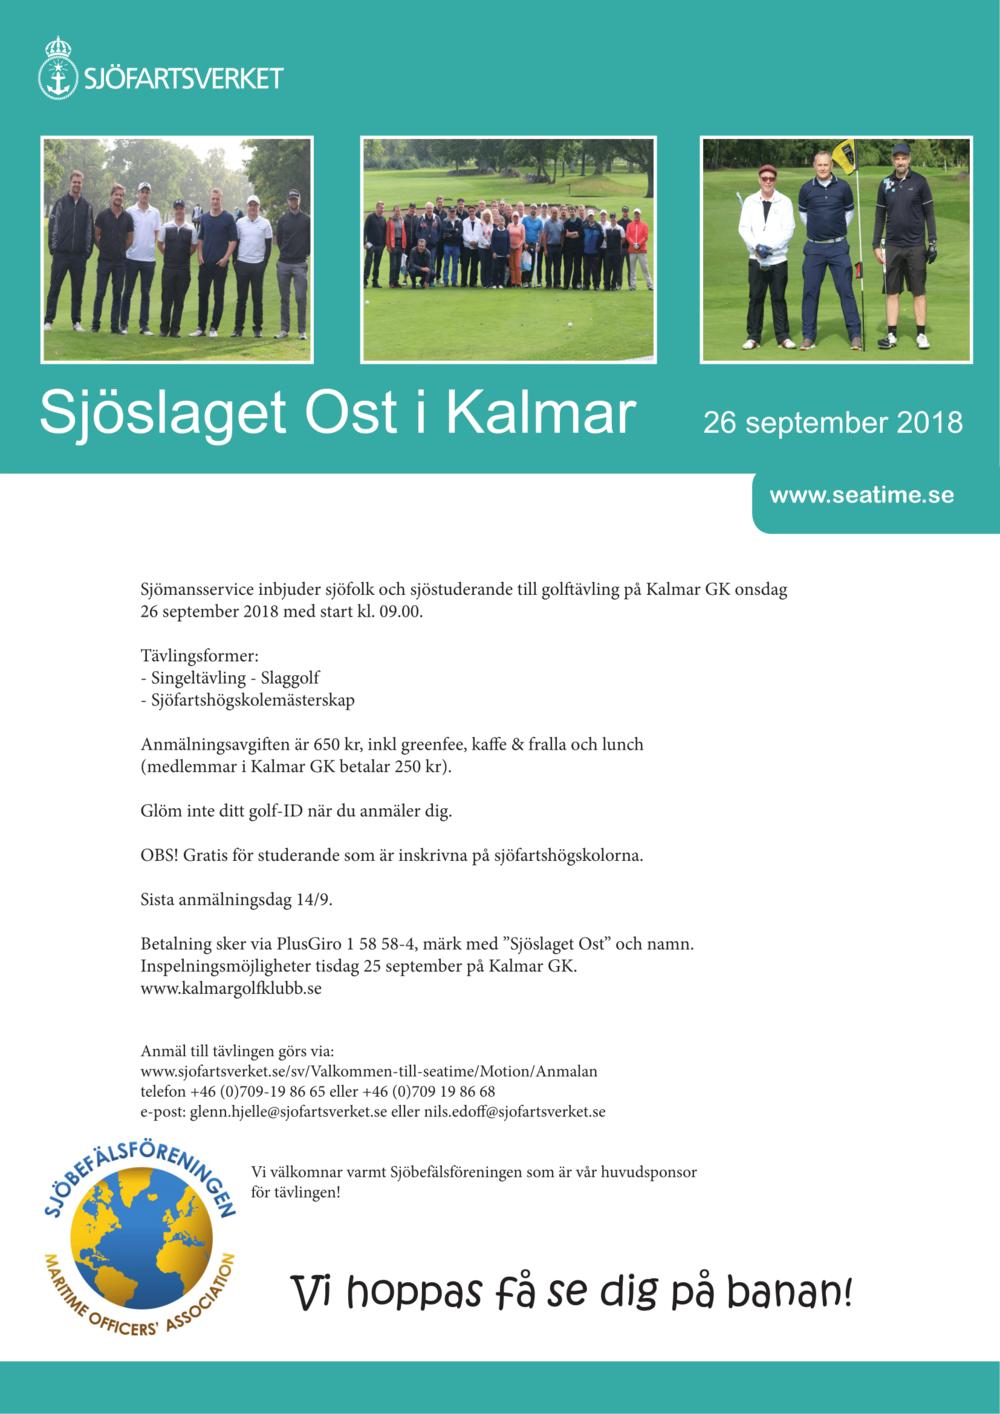 Sjöslaget Ost i Kalmar